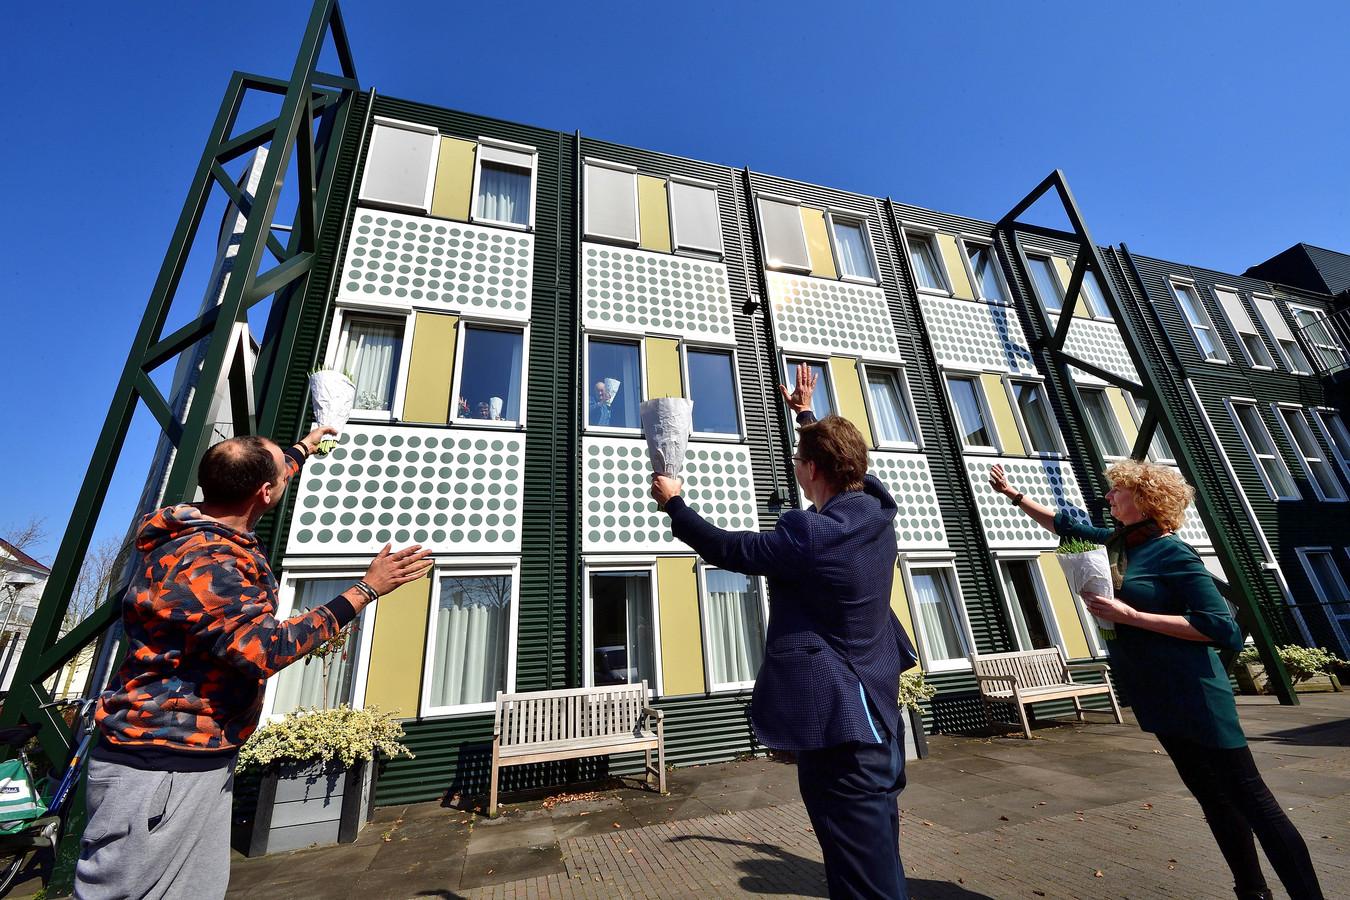 Bloemenactie voor bewoners van het Nieuwe ABG. Vlnr: Daan Kagchelland, diaken Anton Janssen en locatiemanager Marita Pieters.